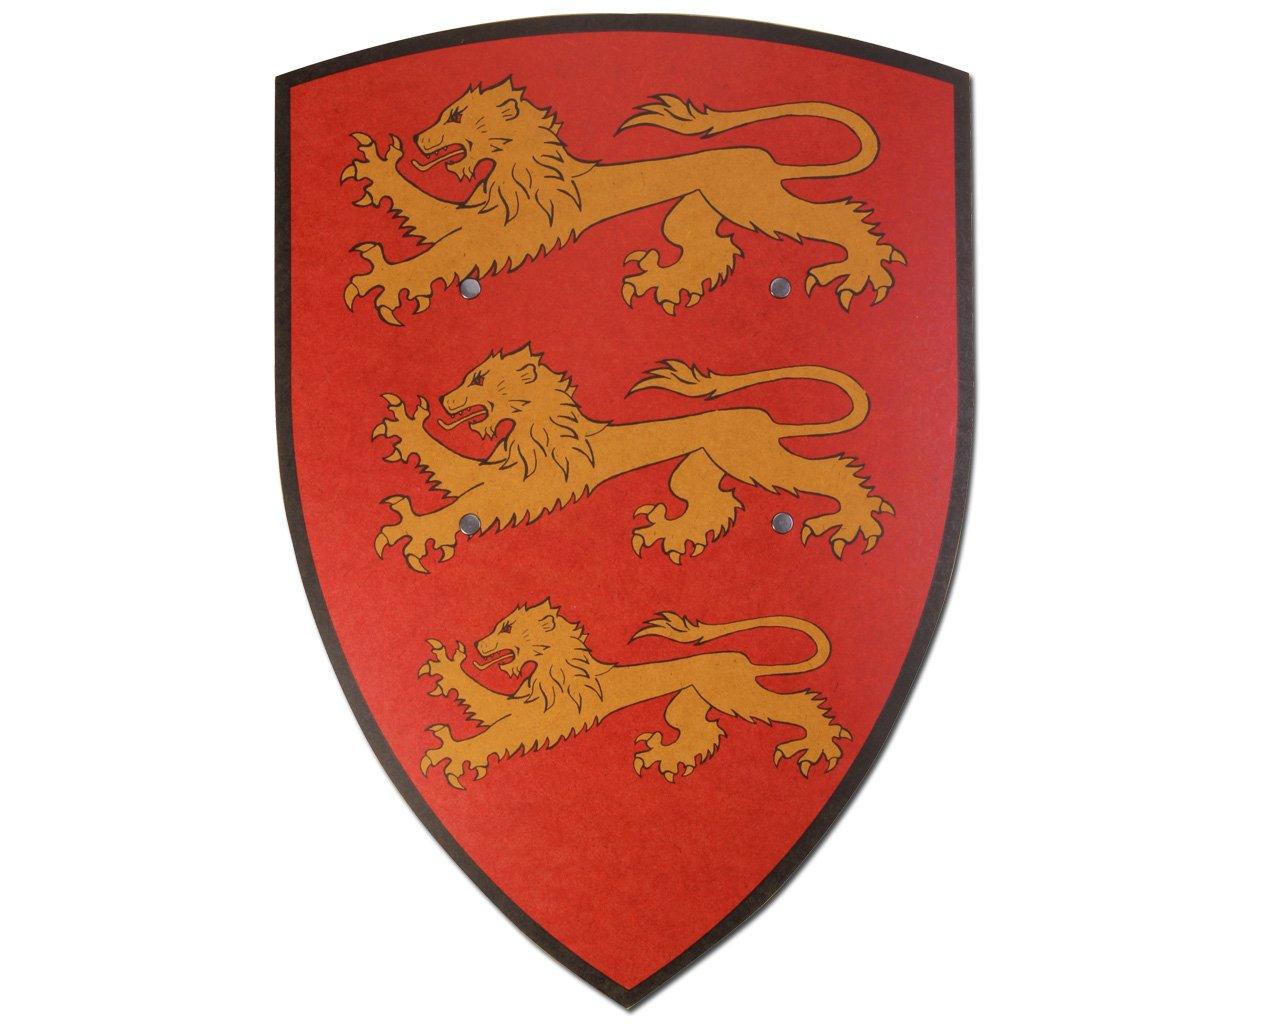 Panneau en bois Richard Cœur de Lion Vah